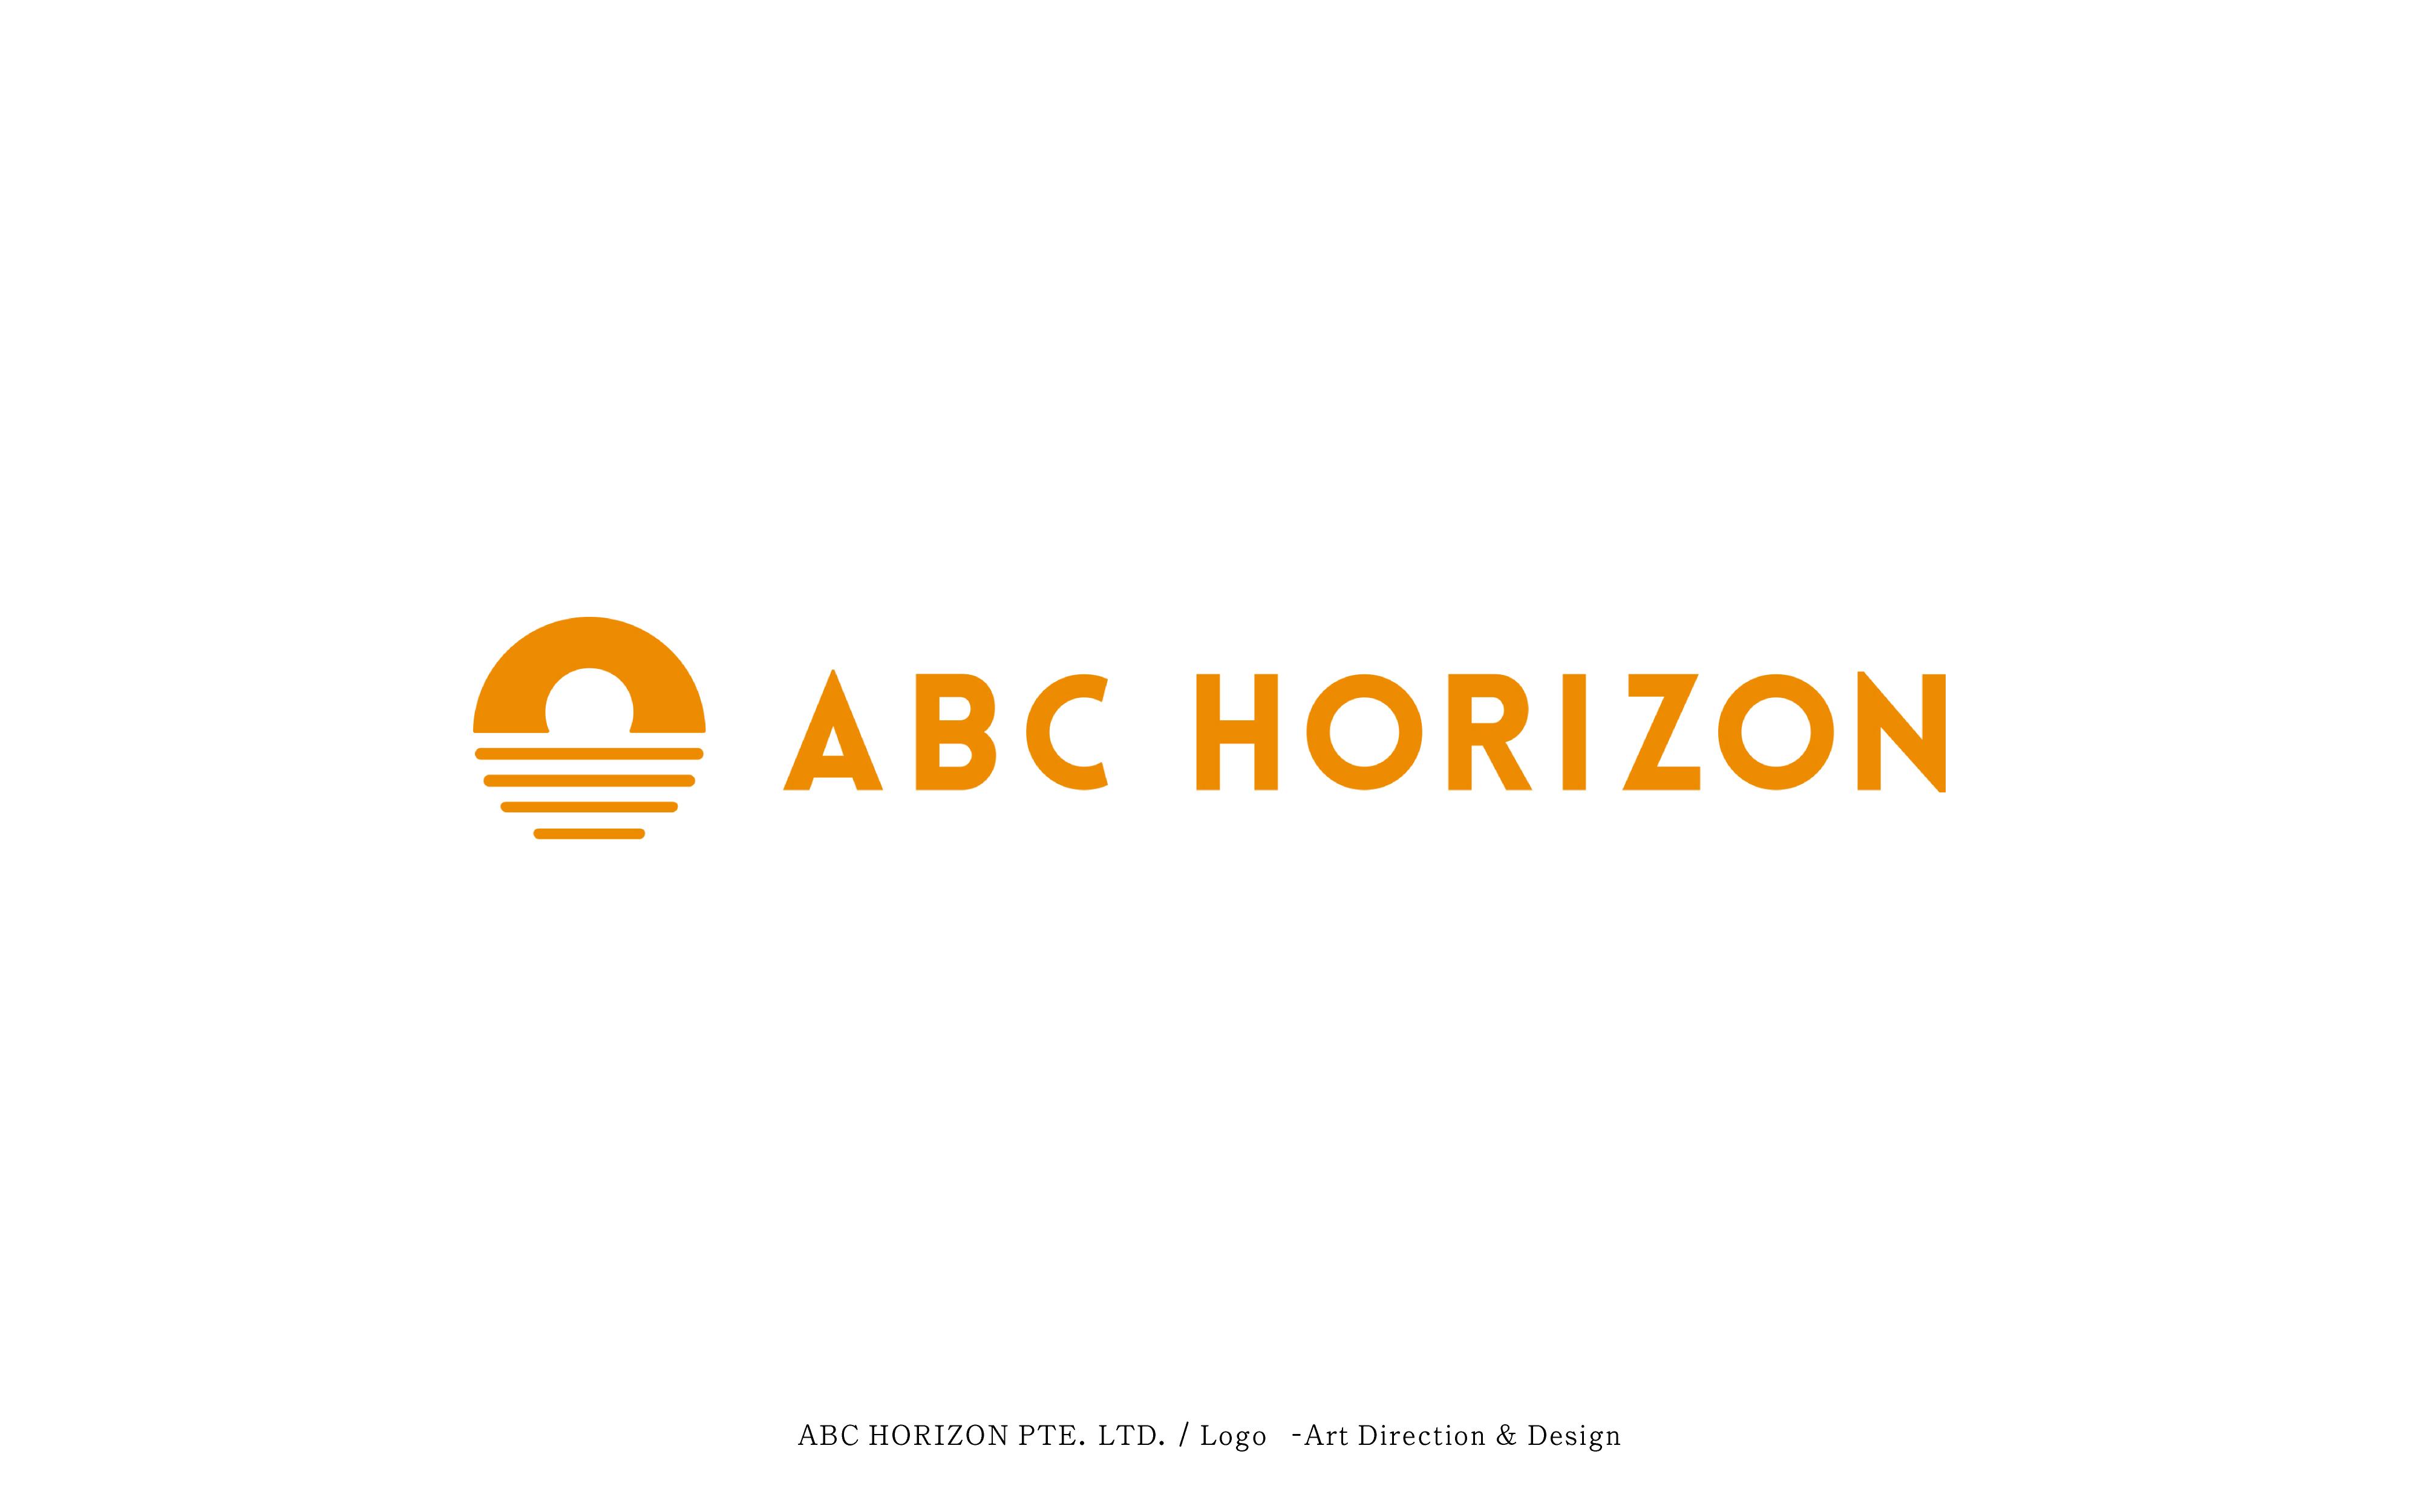 ABC HORIZON Logo Design